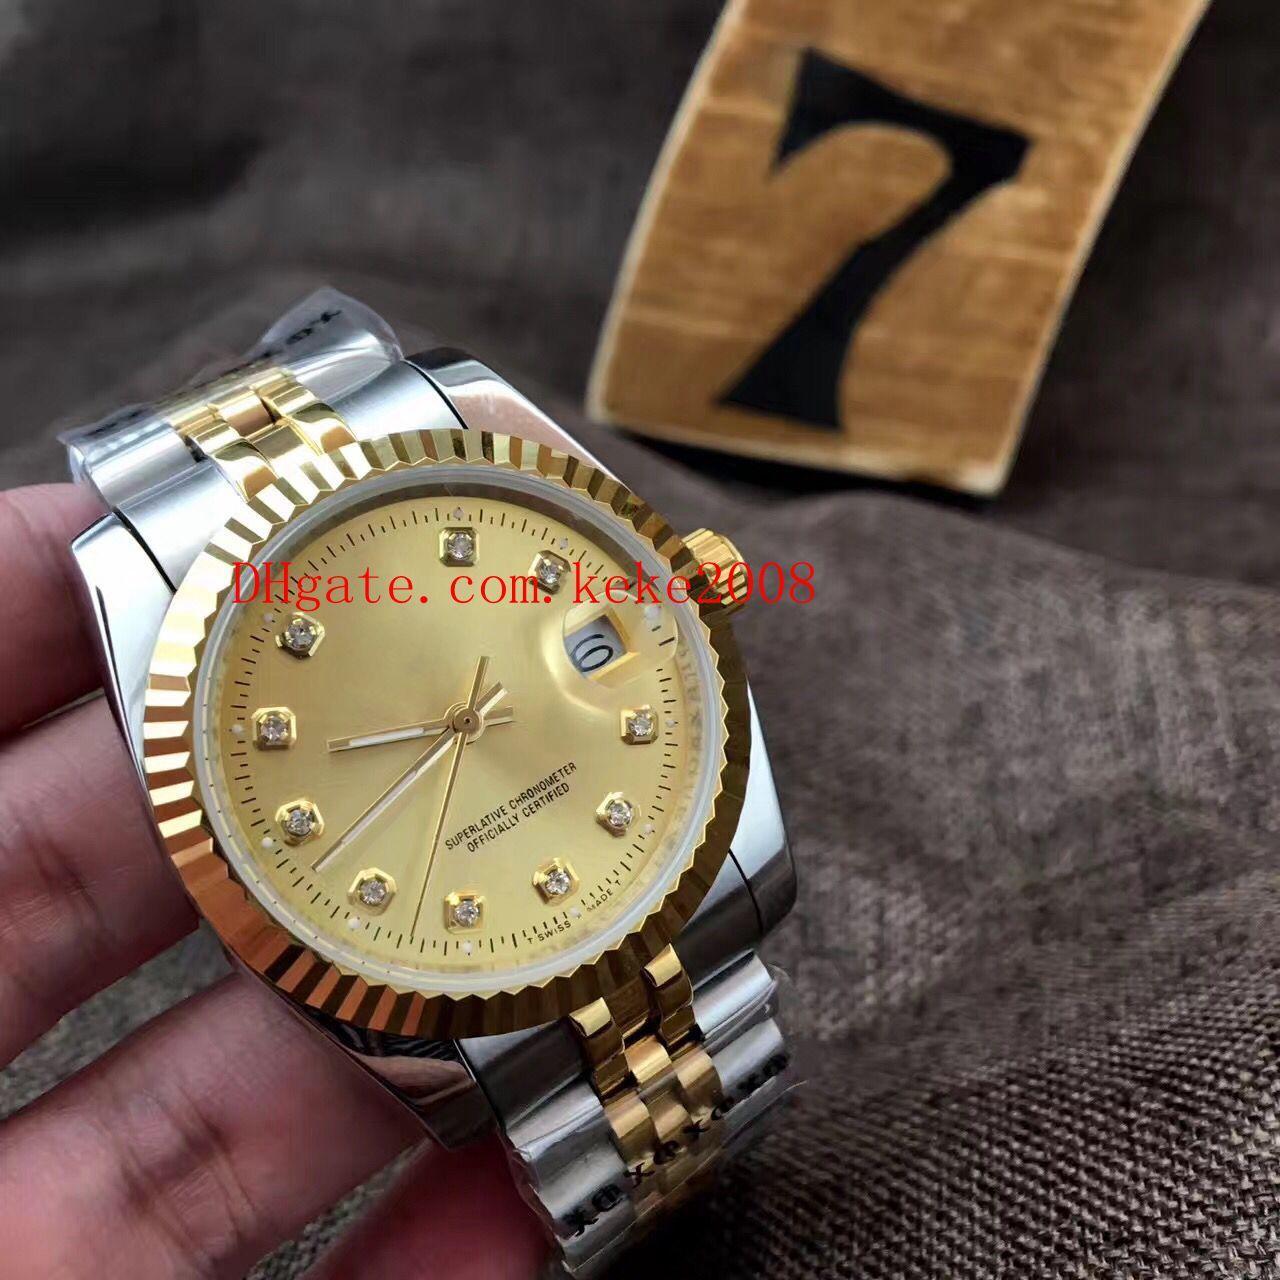 5 relojes de alta calidad con mejores ventas Reloj 36mm 41mm Datejust 116233 Fecha Presidente Asia 2813 Movimiento mecánico automático para hombre